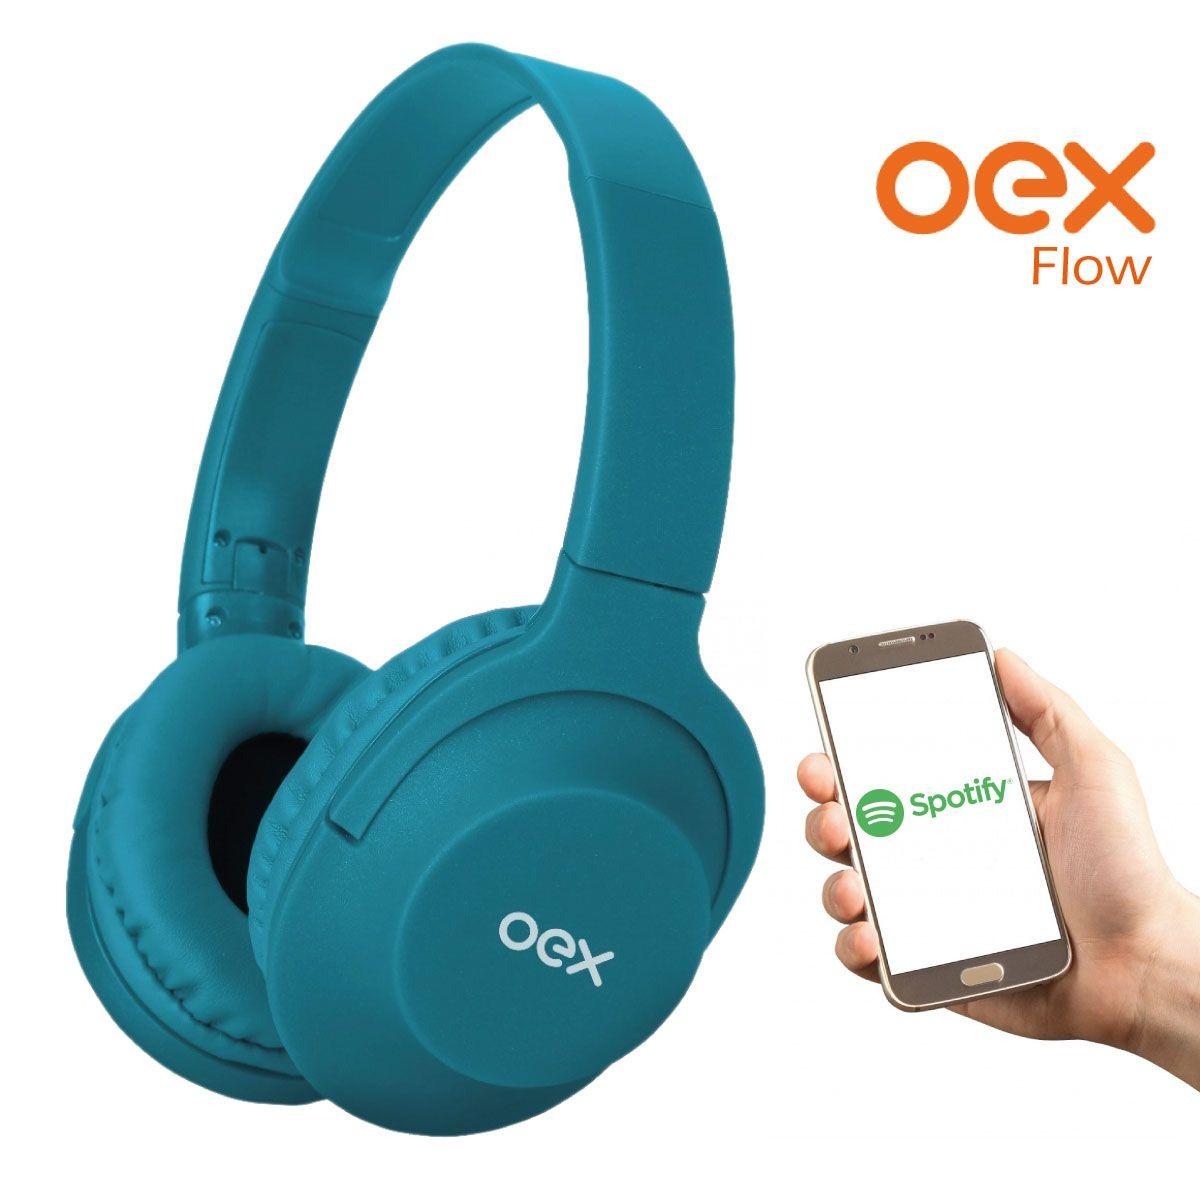 Fone De Ouvido Oex HS207 Flow com cabo removível - verde